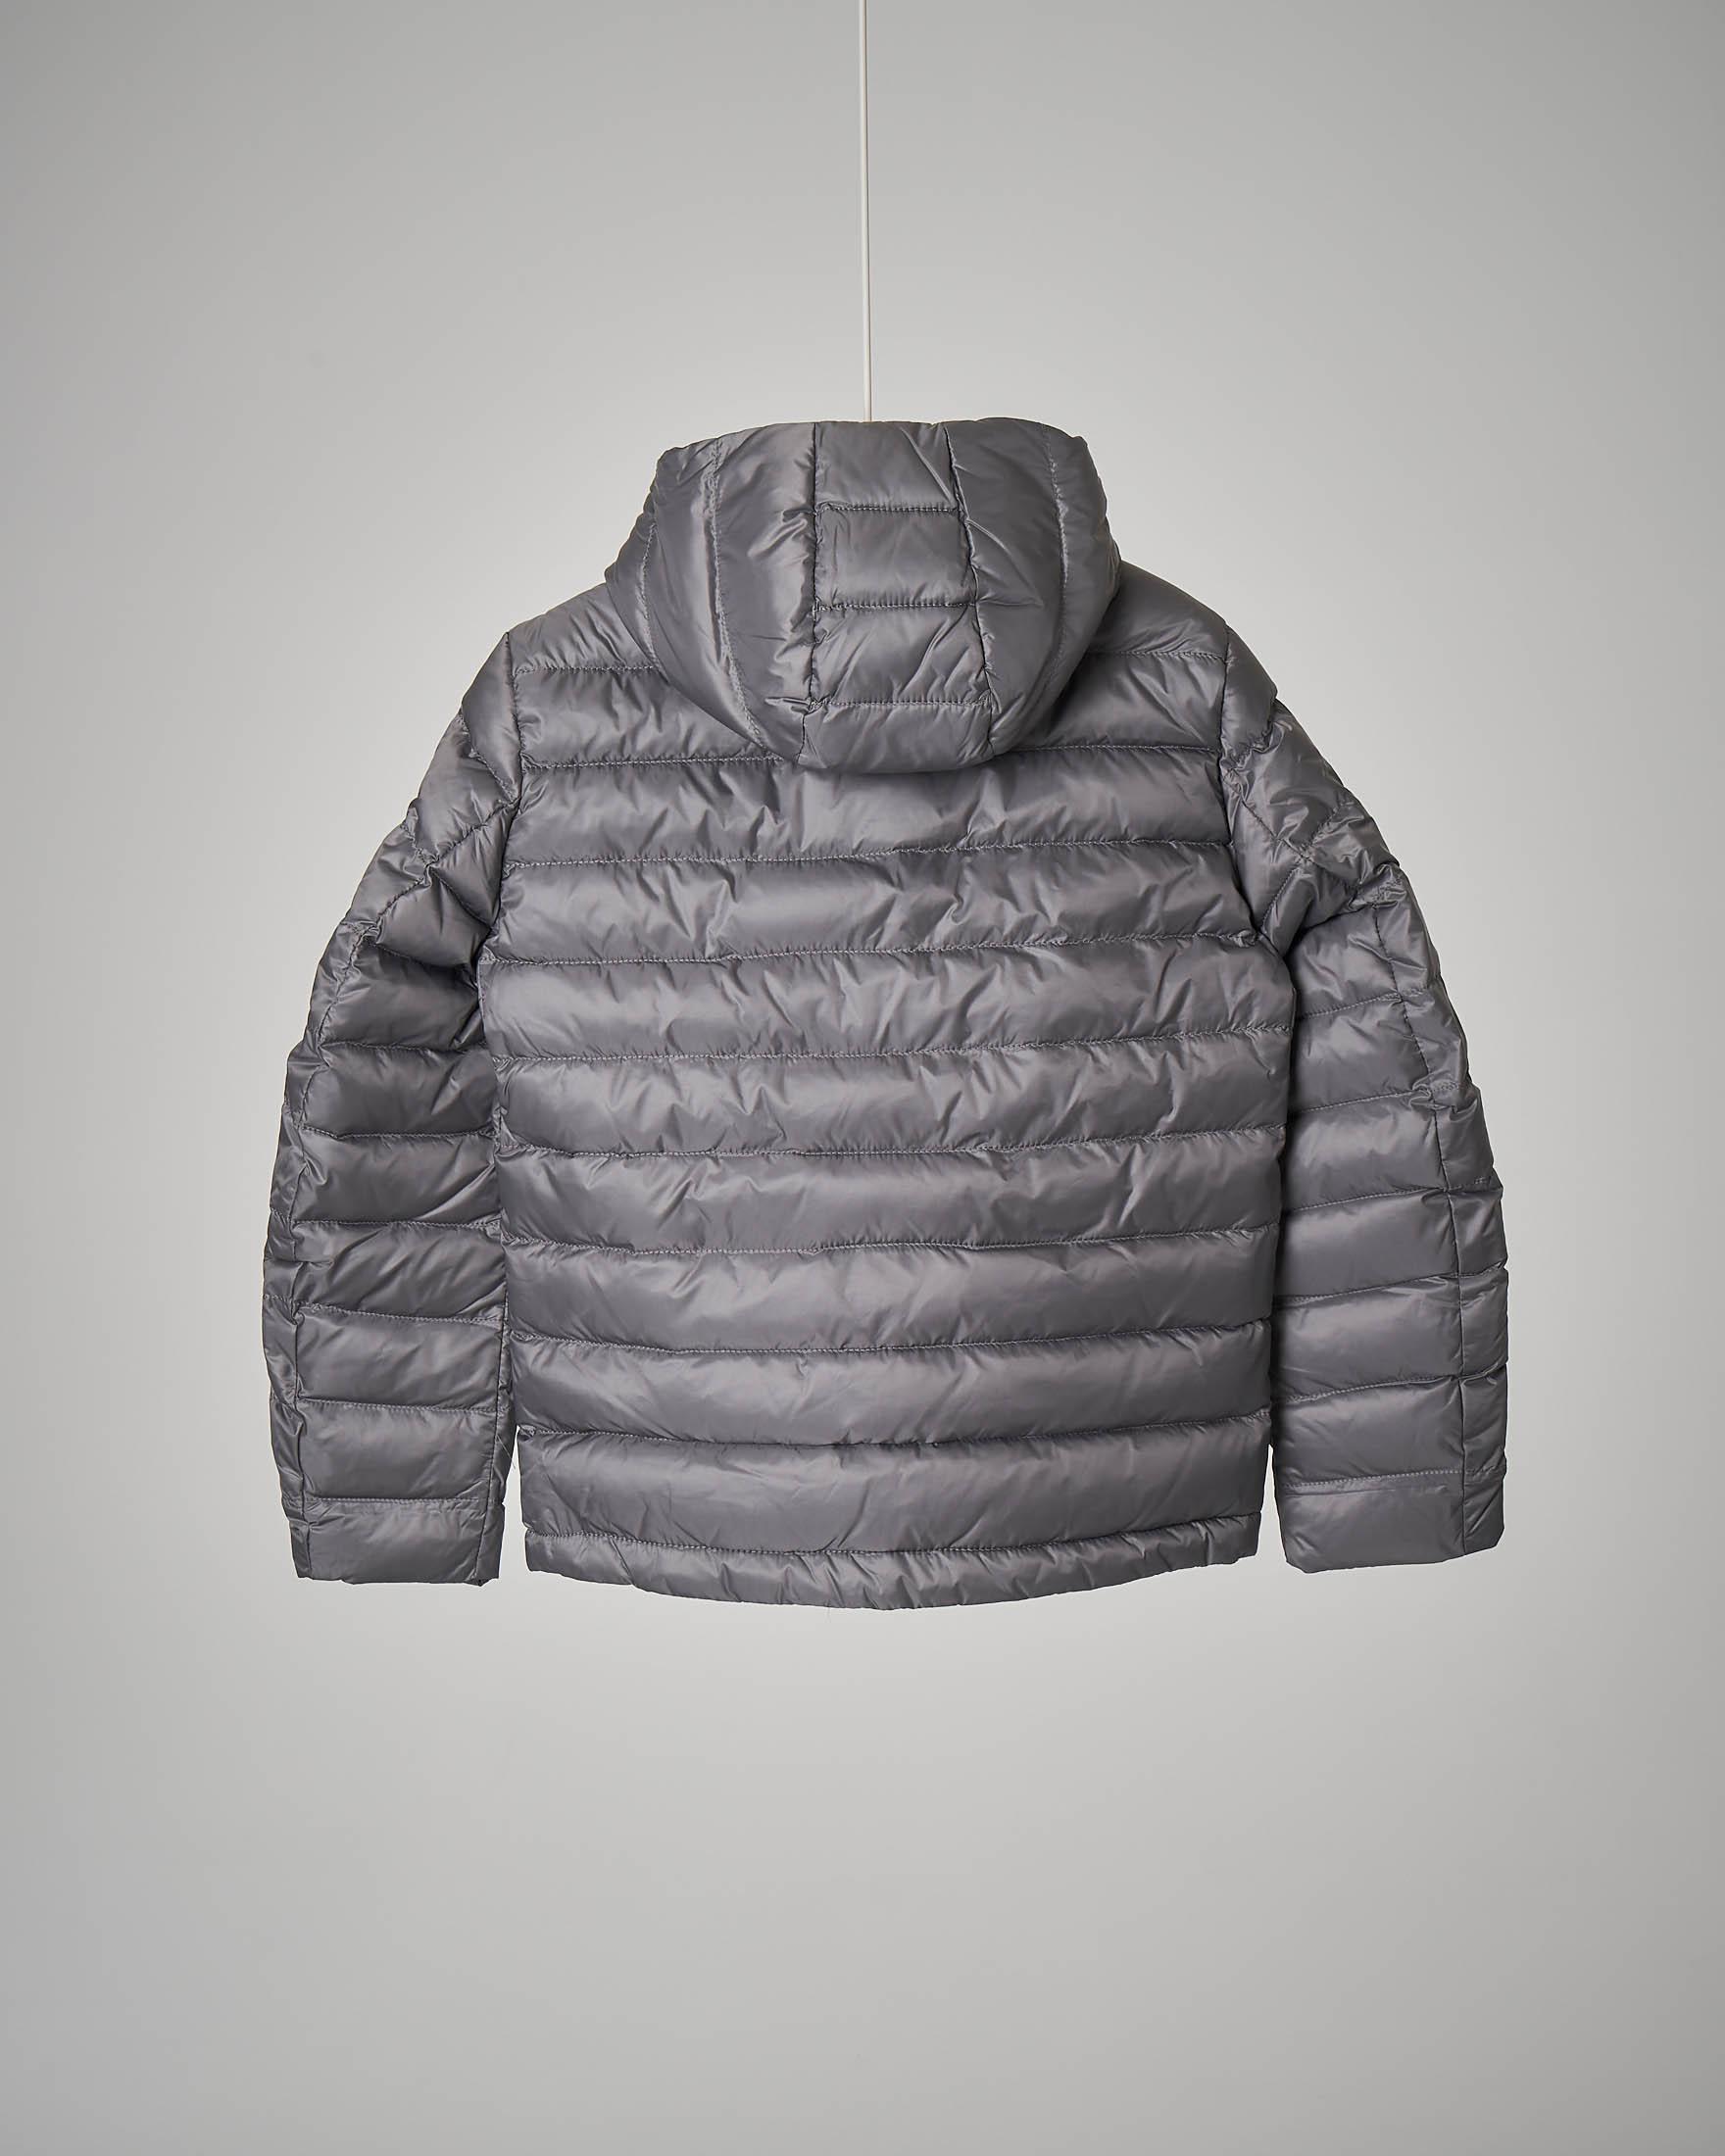 Piumino grigio con cappuccio 10-16 anni